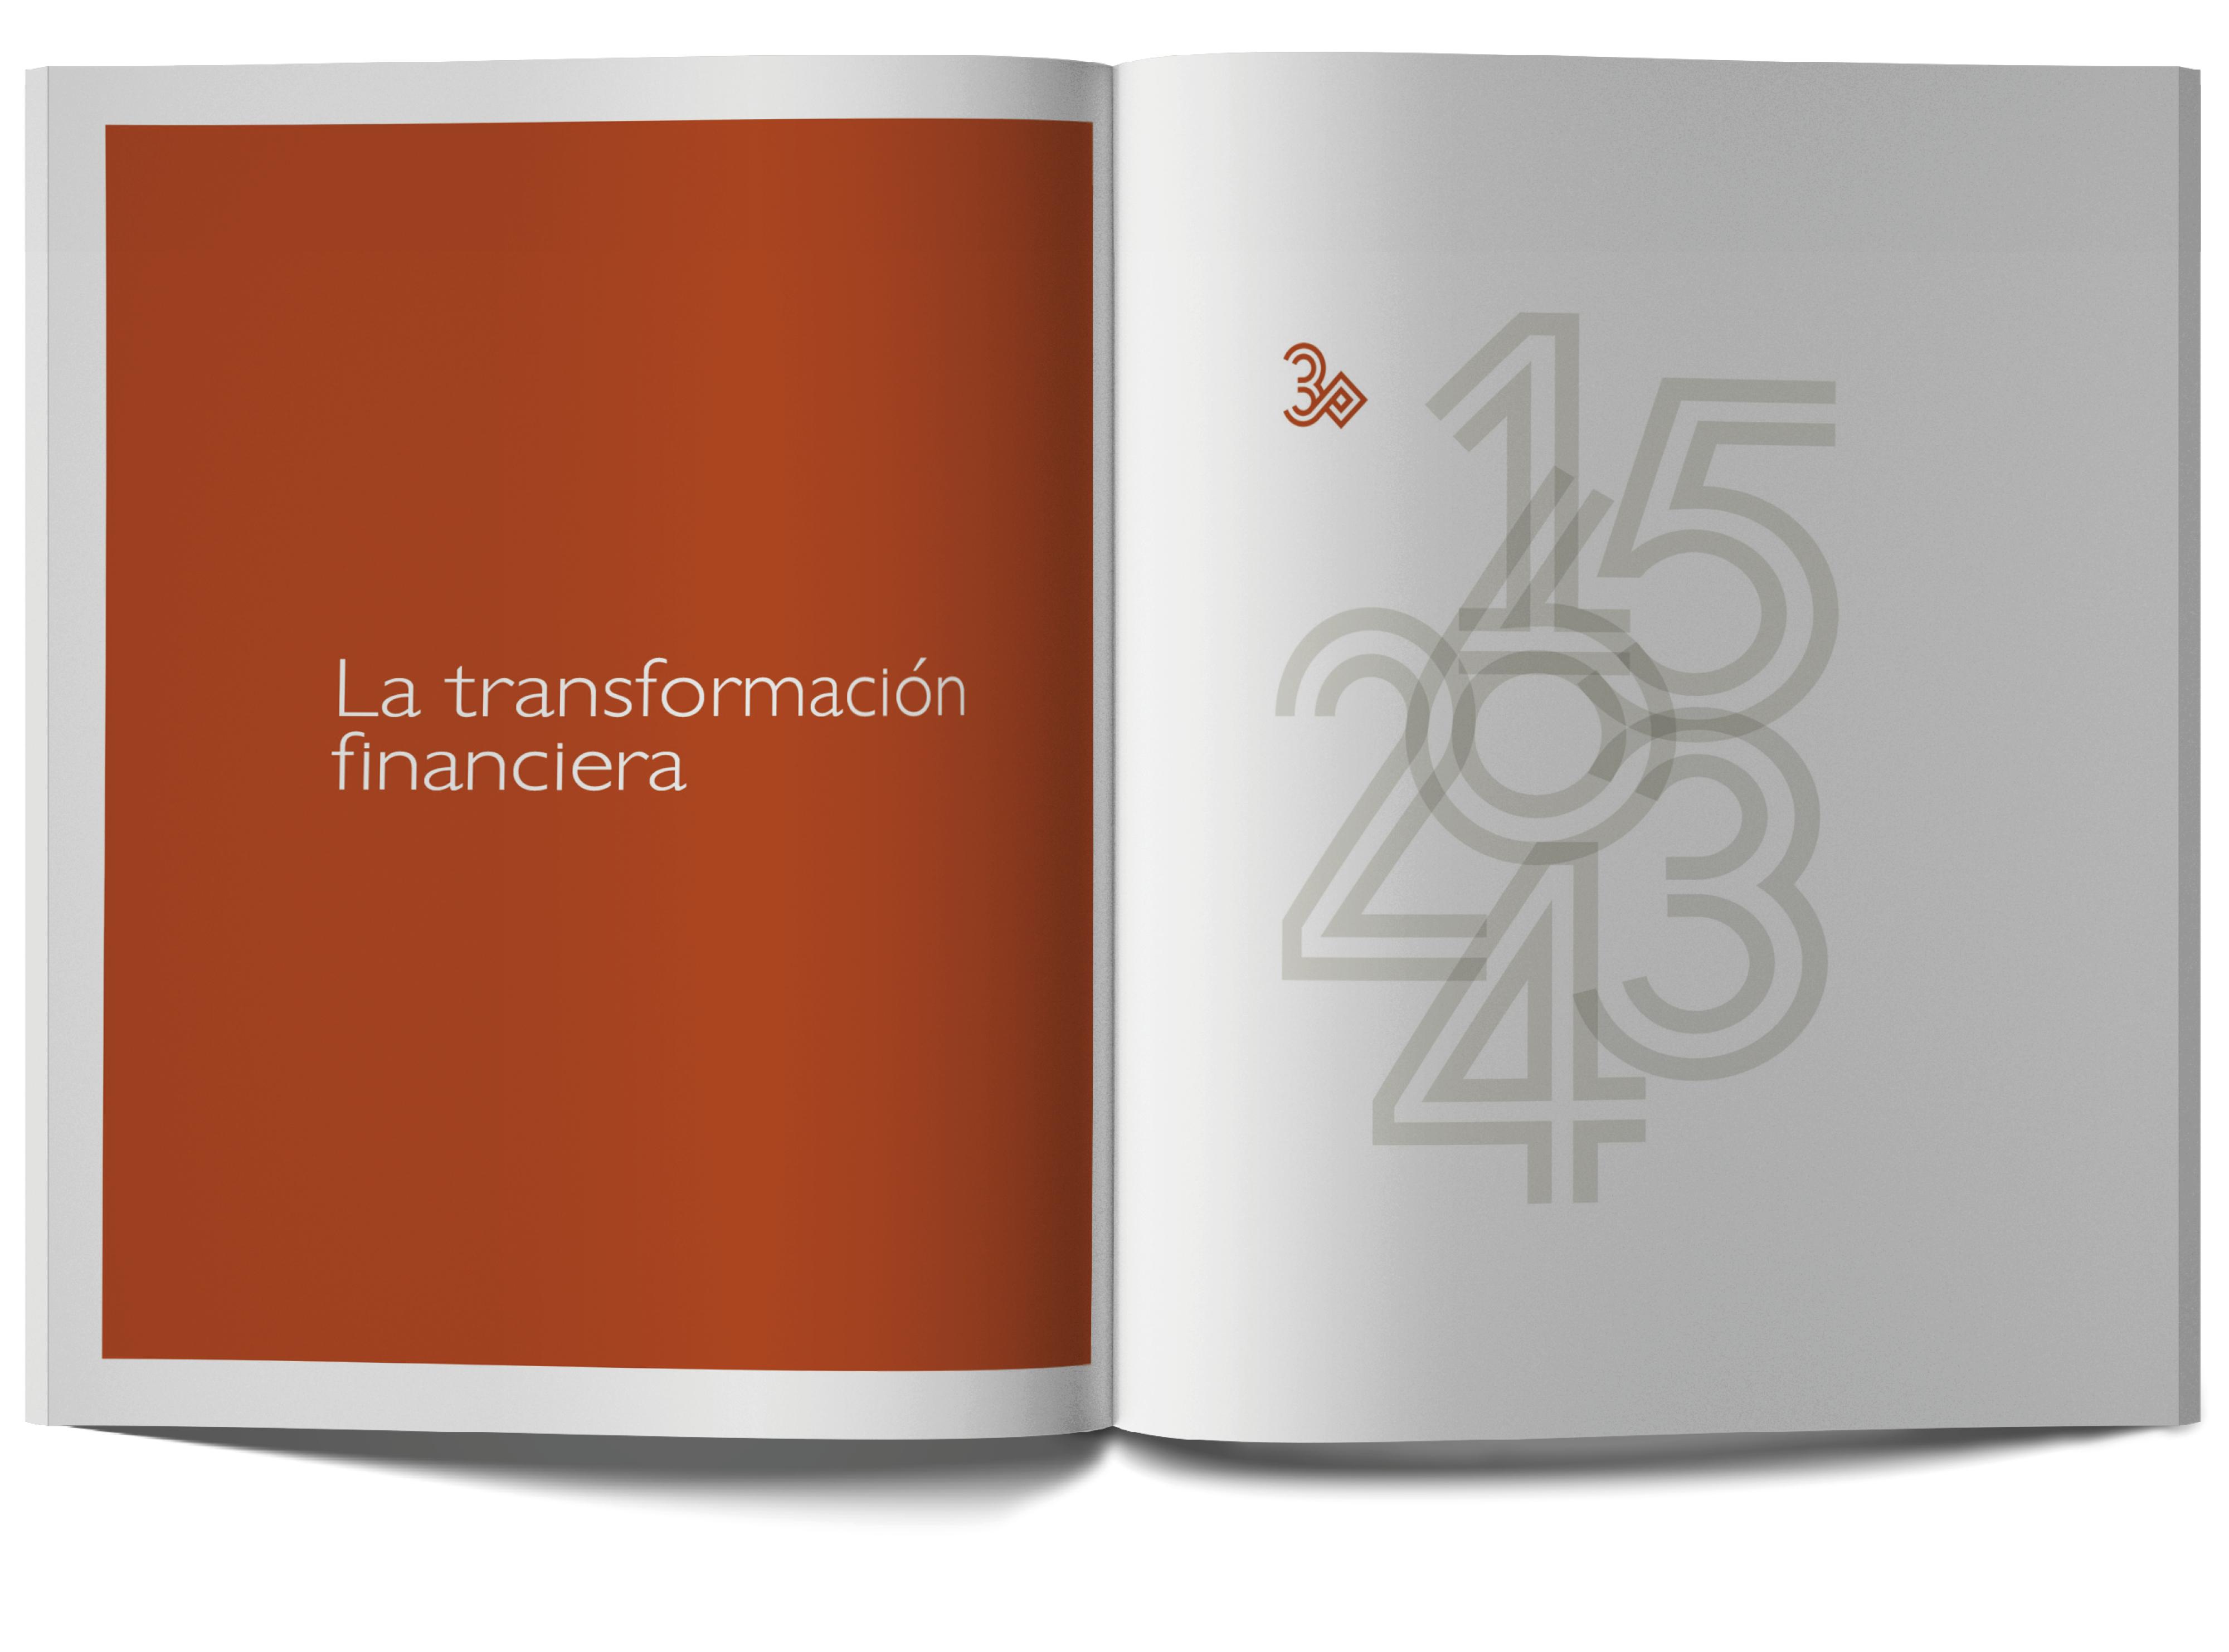 afiI-30años-catalogo-interior-2